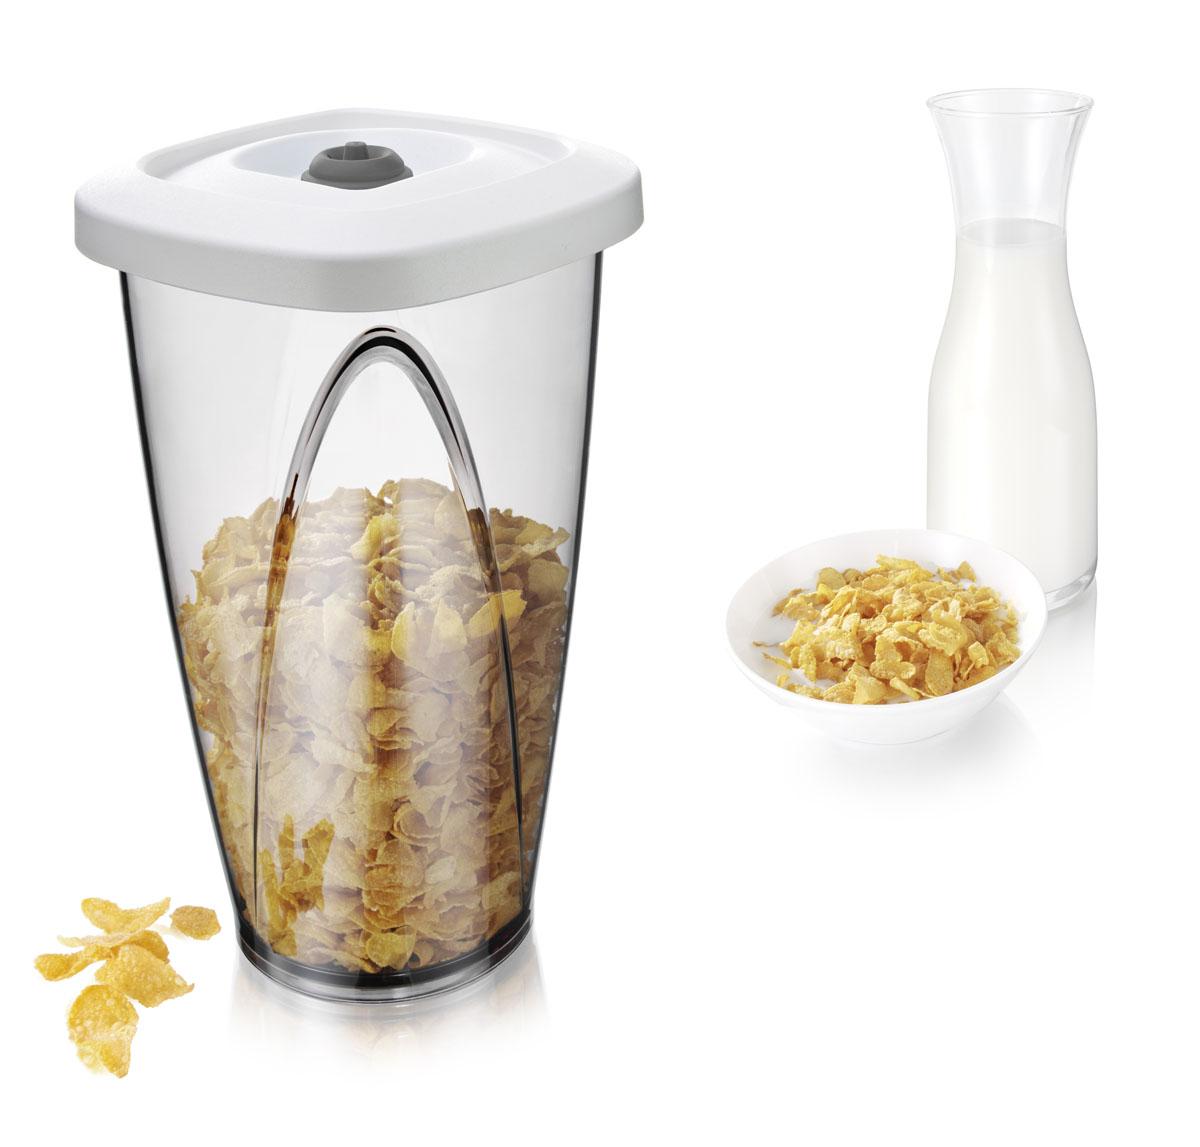 Вакуумный контейнер Tomorrows Kitchen Vacuum Container Large, цвет6 белый, 2,3 лVT-1520(SR)Под воздействием воздуха чай, кофе и другие сухие продукты быстро портятся, отсыревают, утрачивают свой вкус и аромат. Вакуумный насос отсасывает воздух из новой, большей по объему, емкости для хранения продуктов, создавая вакуум для оптимальных условий хранения. •Можно мыть в посудомоечной машине •Используется вместе с вакуумным насосом •Сохраняет вкус, защищает от отсырения •Подходит для сухих продуктов, таких как печенье, чипсы, орехи, кукурузные хлопья, кофе и чай